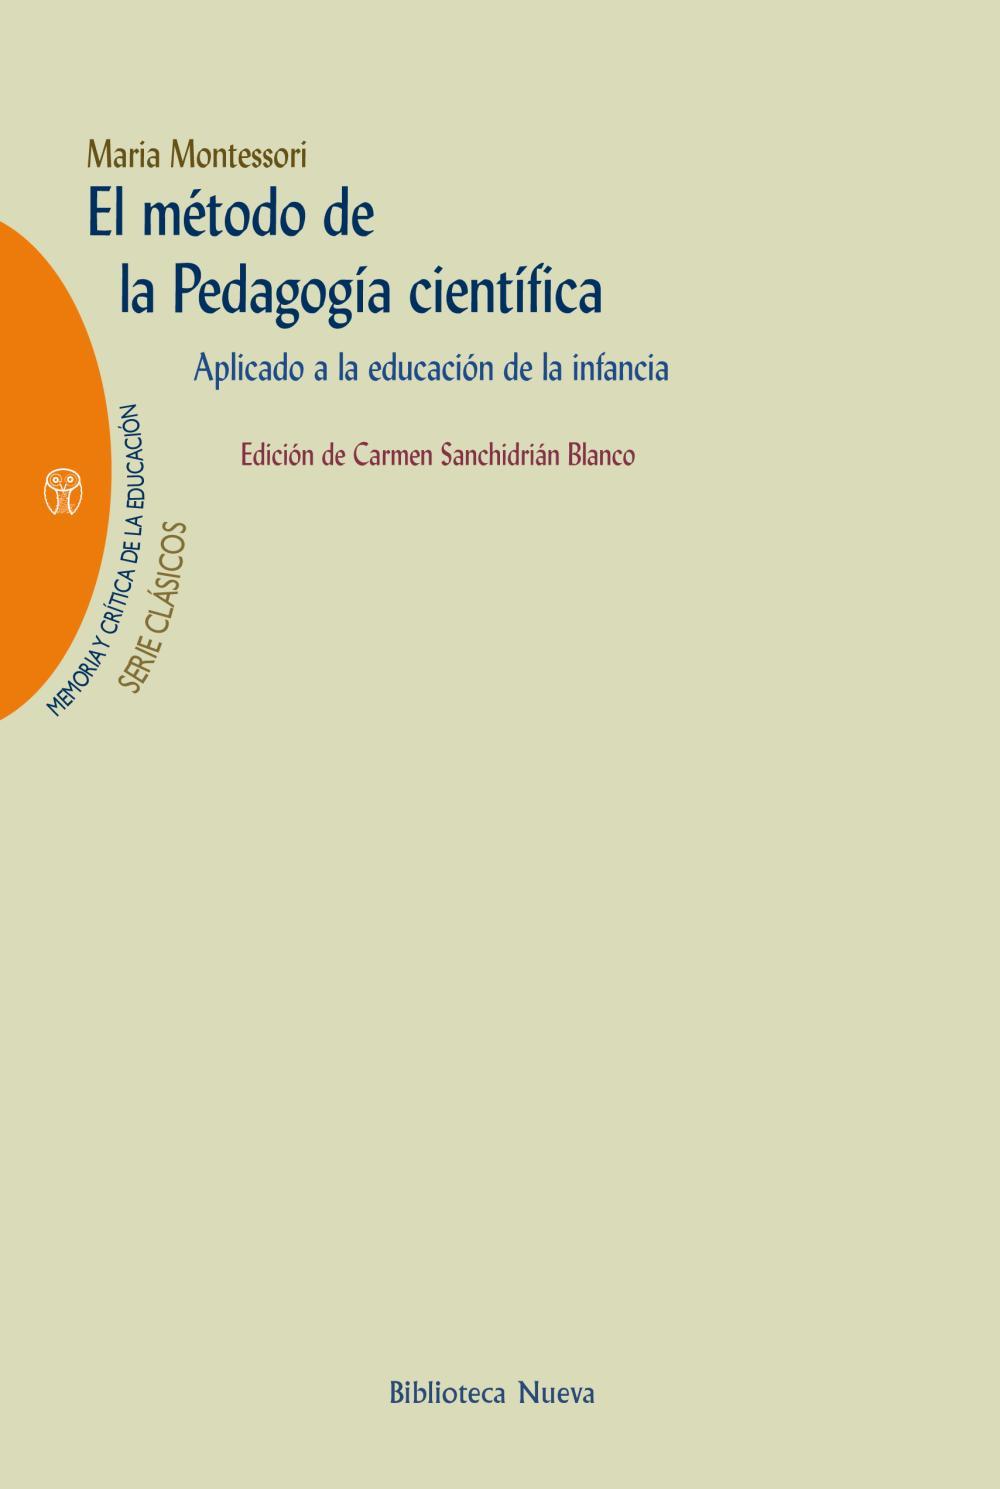 El método de la pedagogía científica